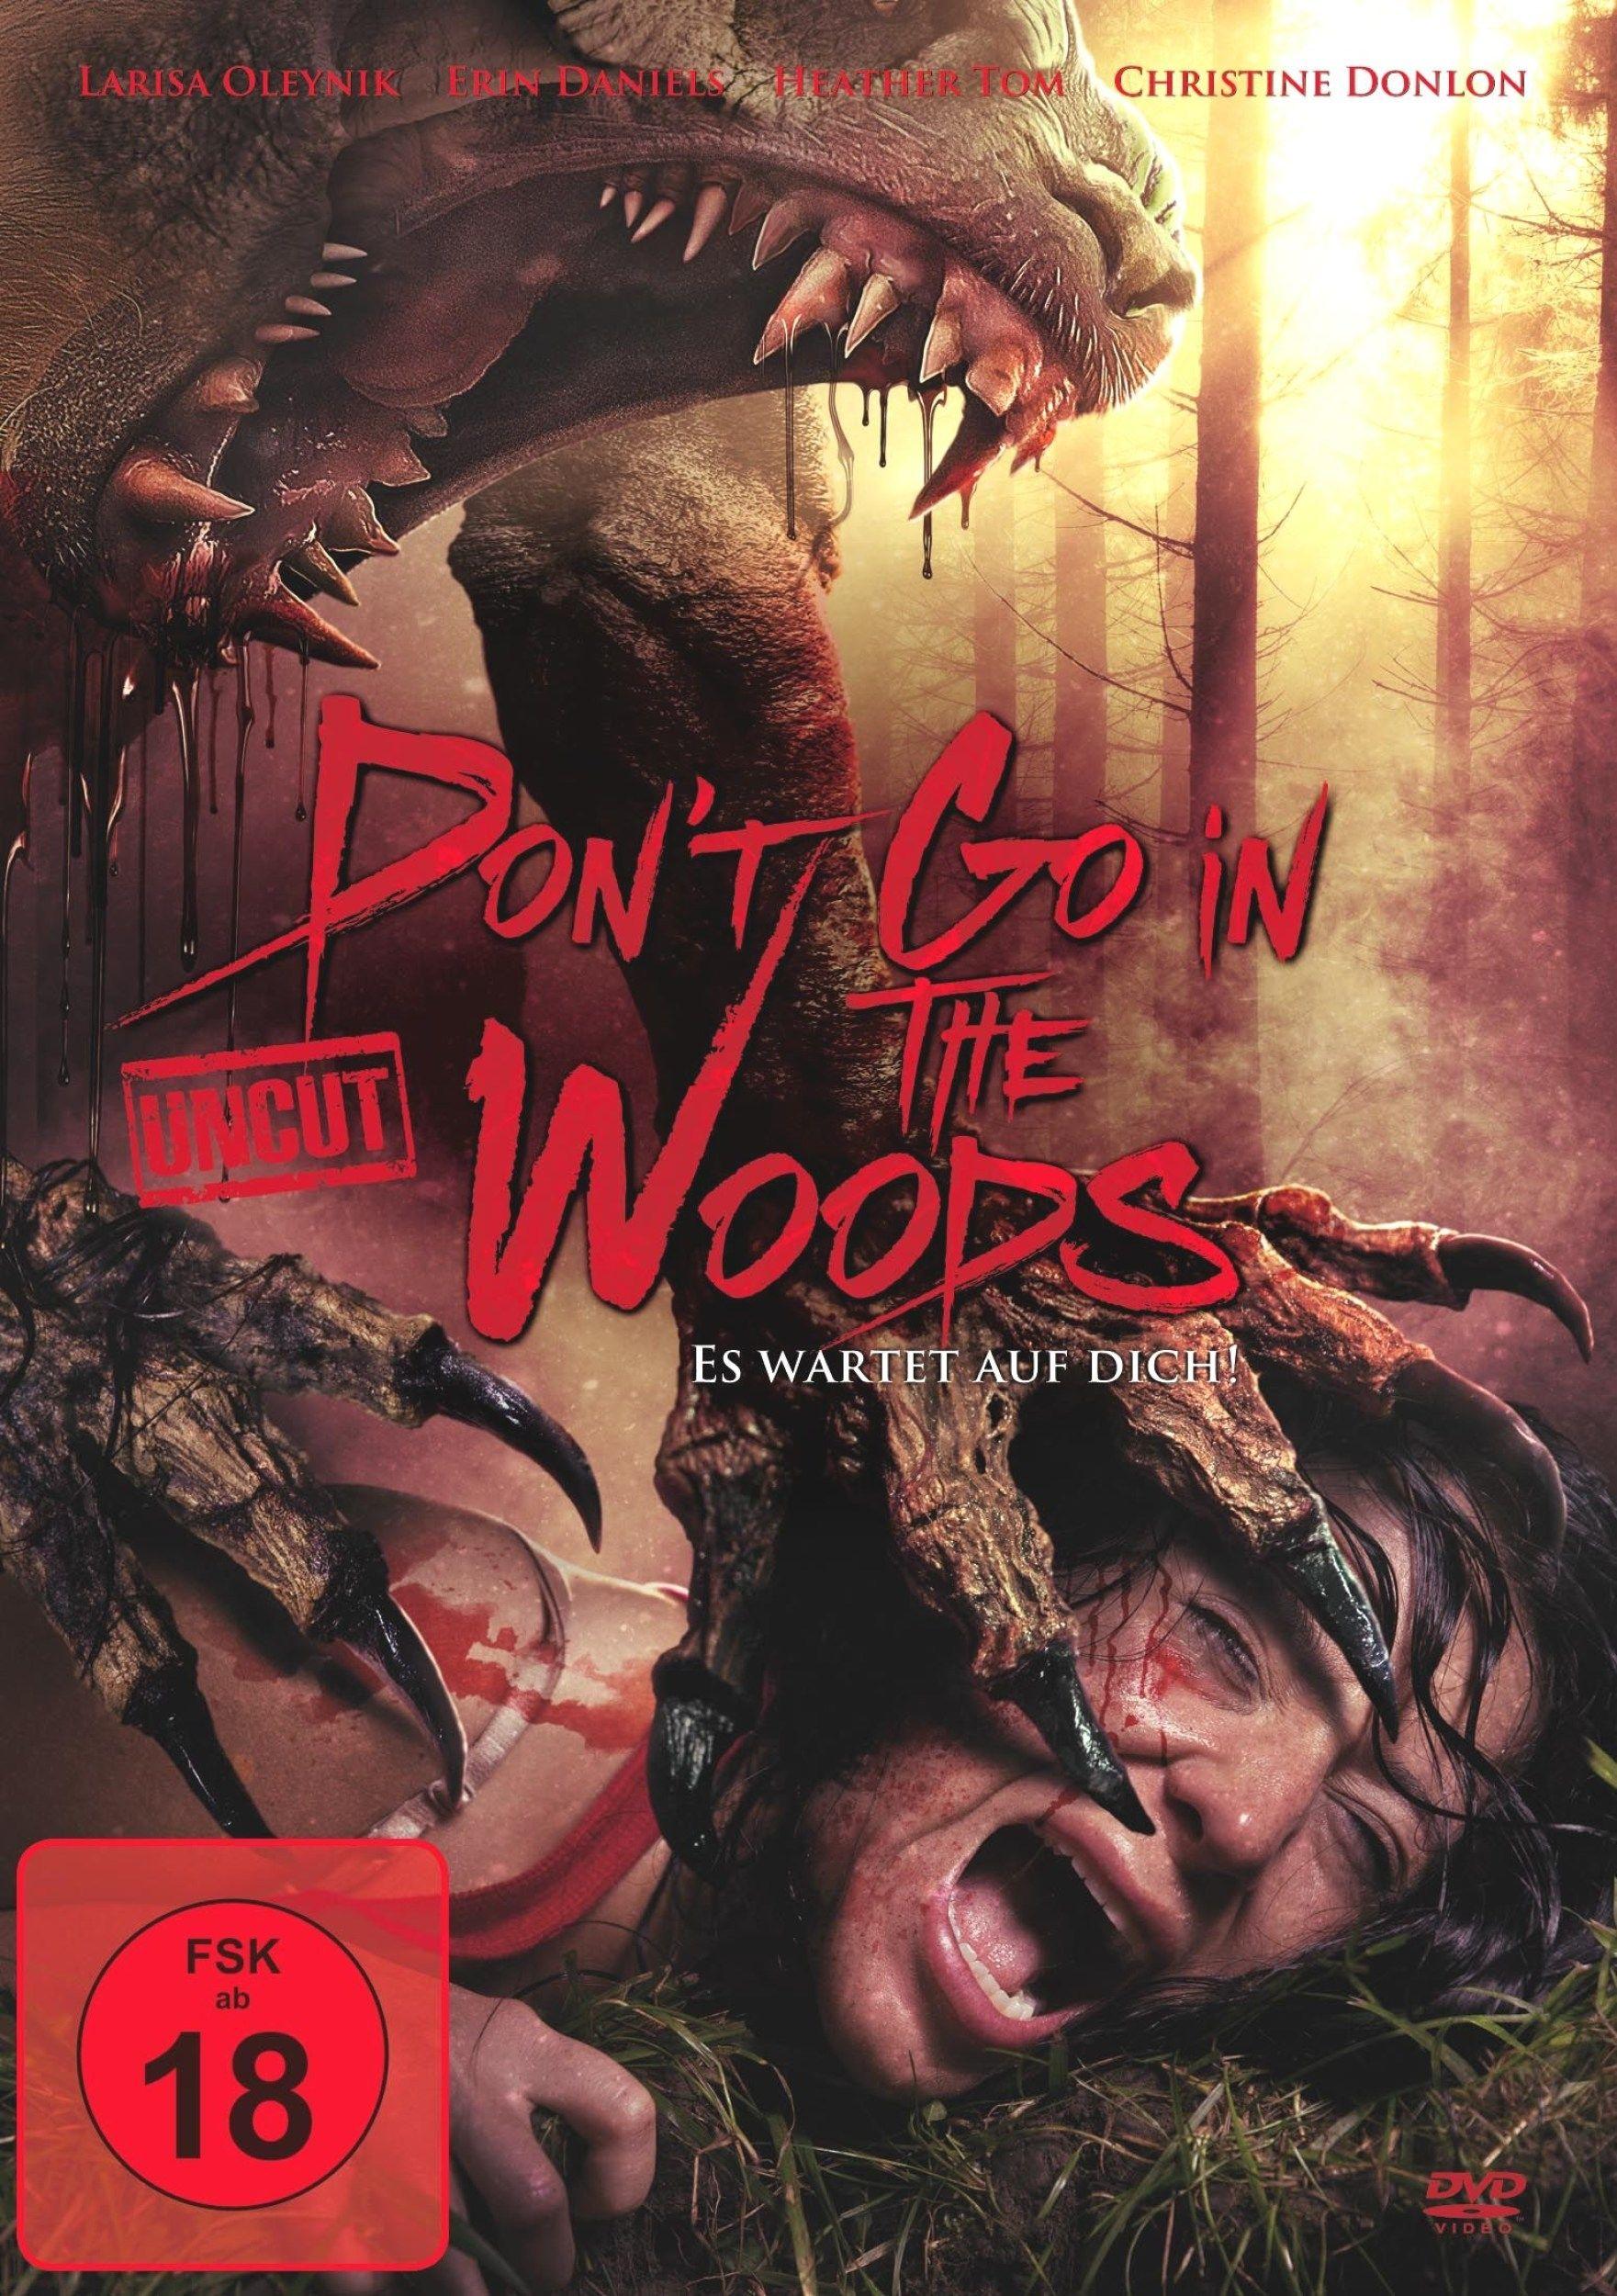 Don't go in the Woods - Es wartet auf dich!